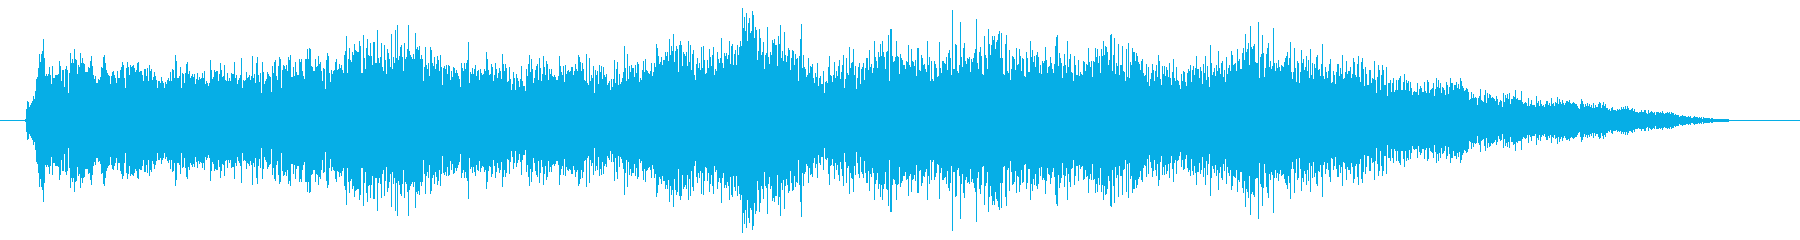 ブラスの再生済みの波形